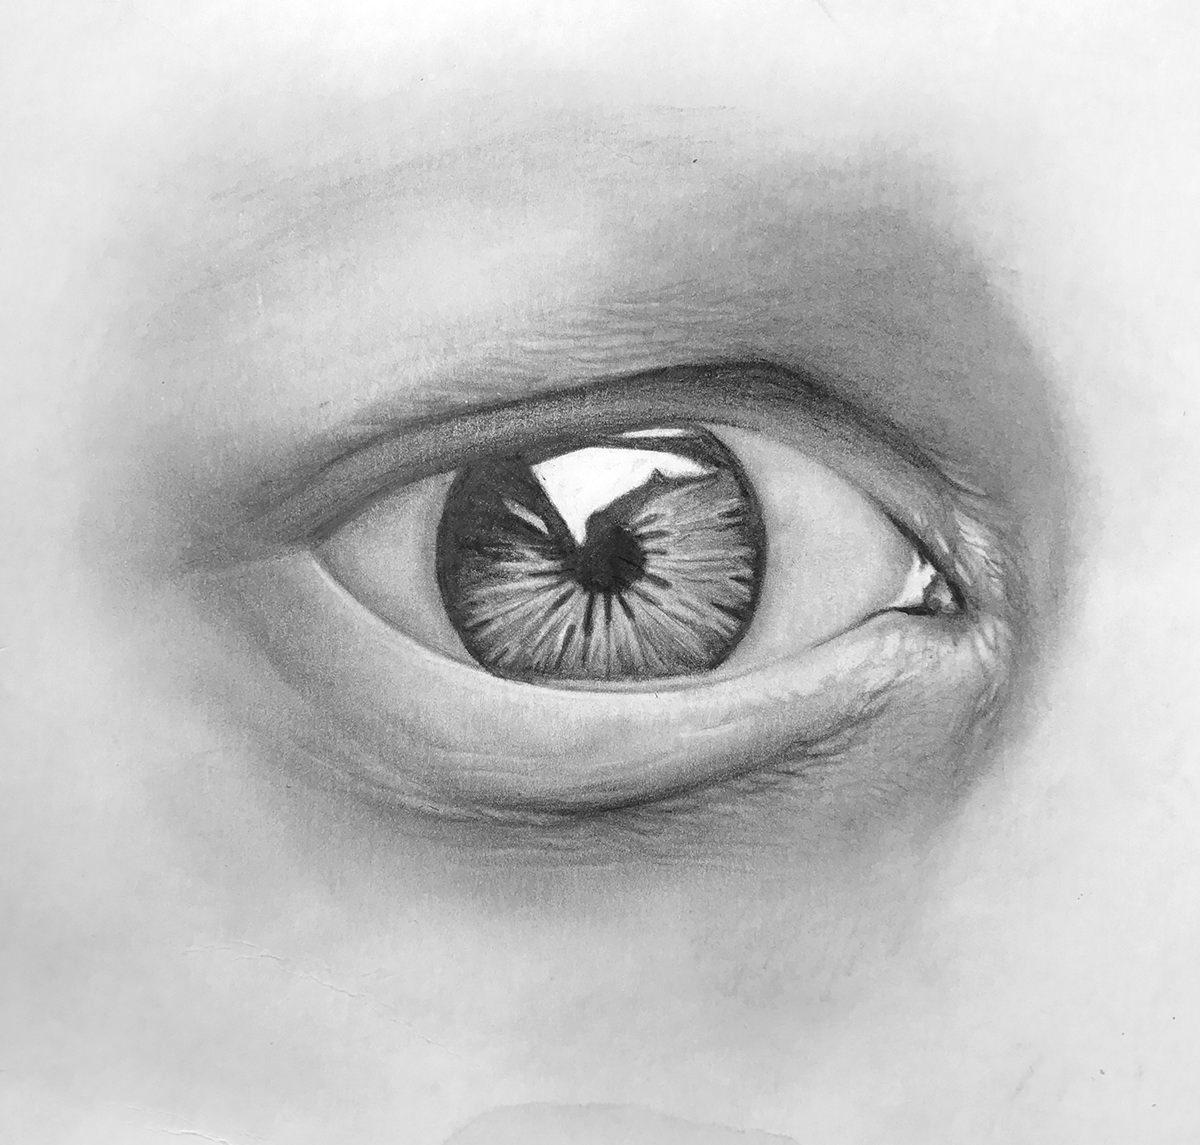 draw-a-realistic-eye-step-10-go-darker.jpg